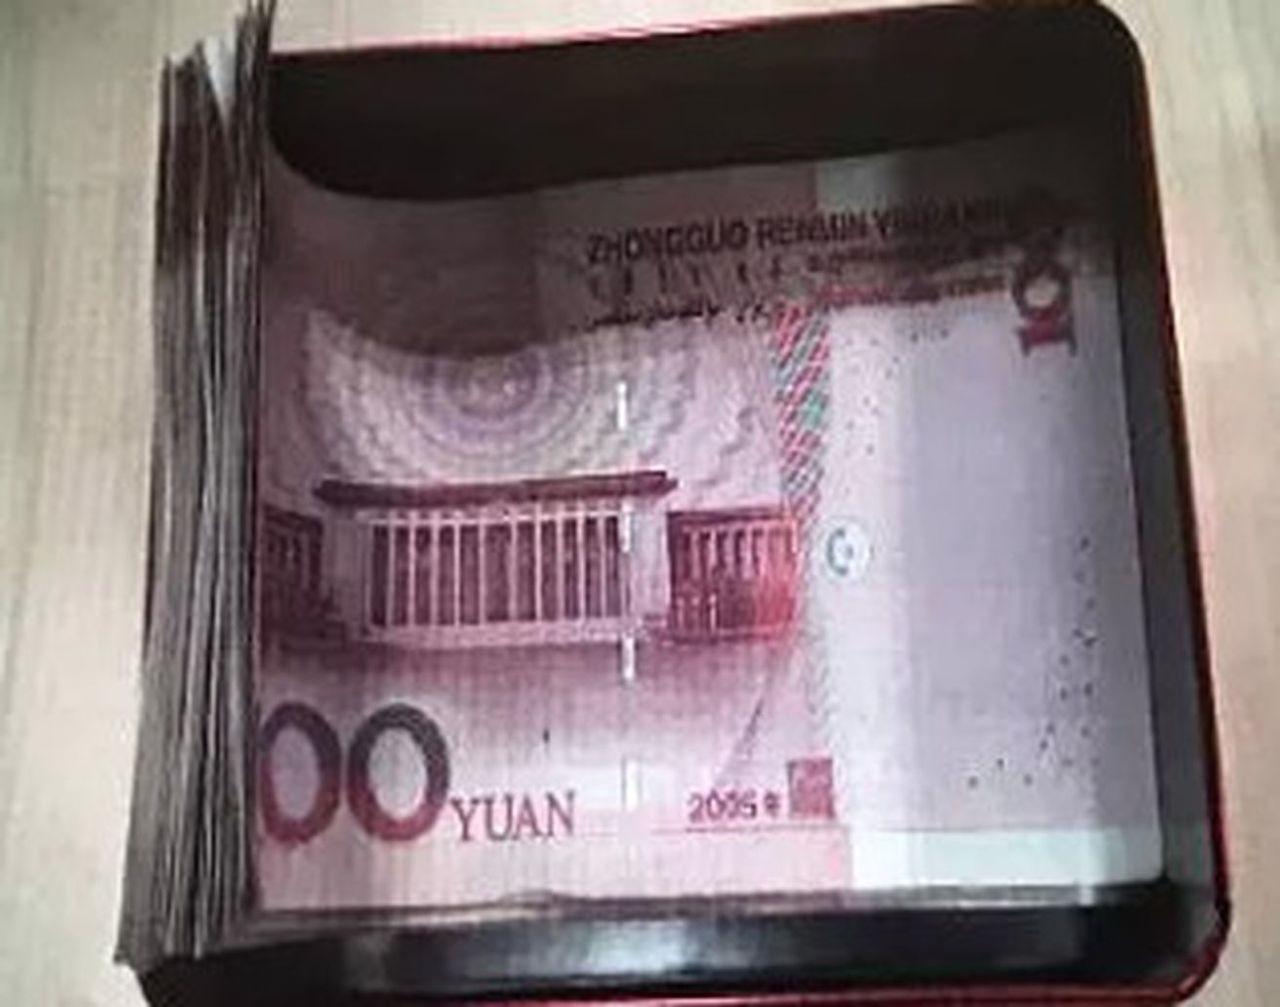 紅色月餅盒內裝了滿滿的現金。(視頻截圖)